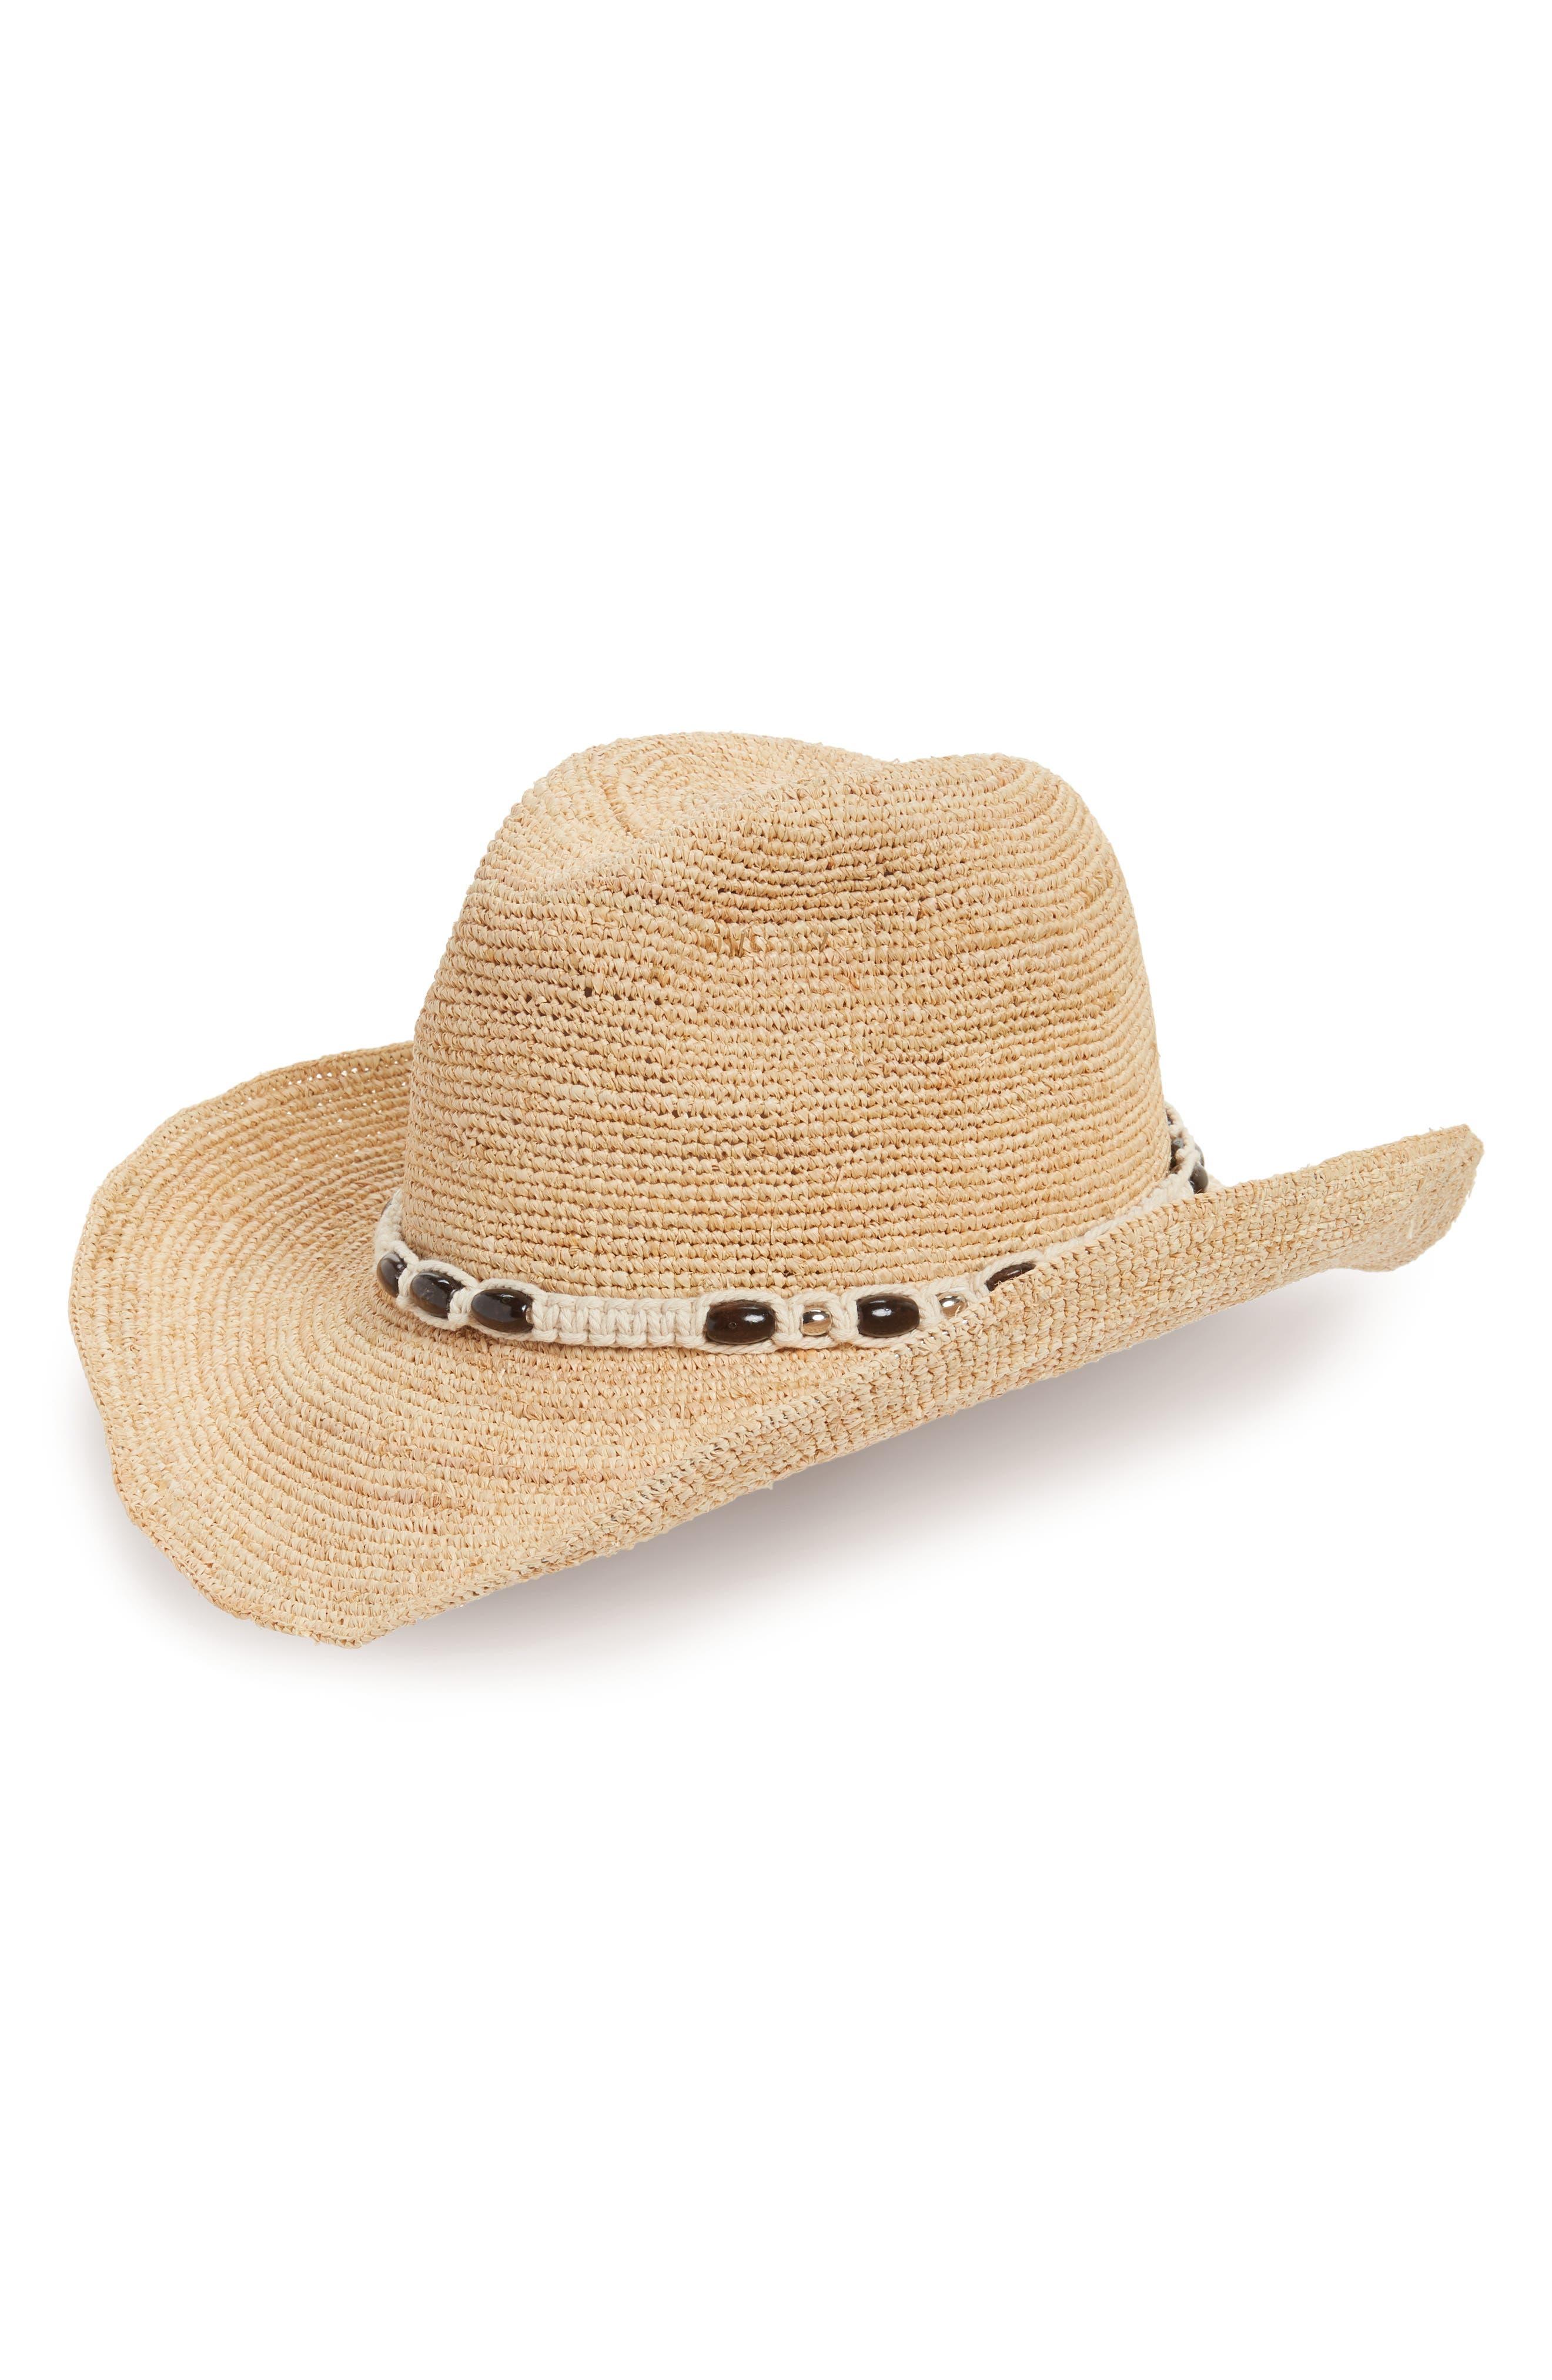 Raffia Cowboy Hat with Macramé Trim,                             Main thumbnail 1, color,                             235